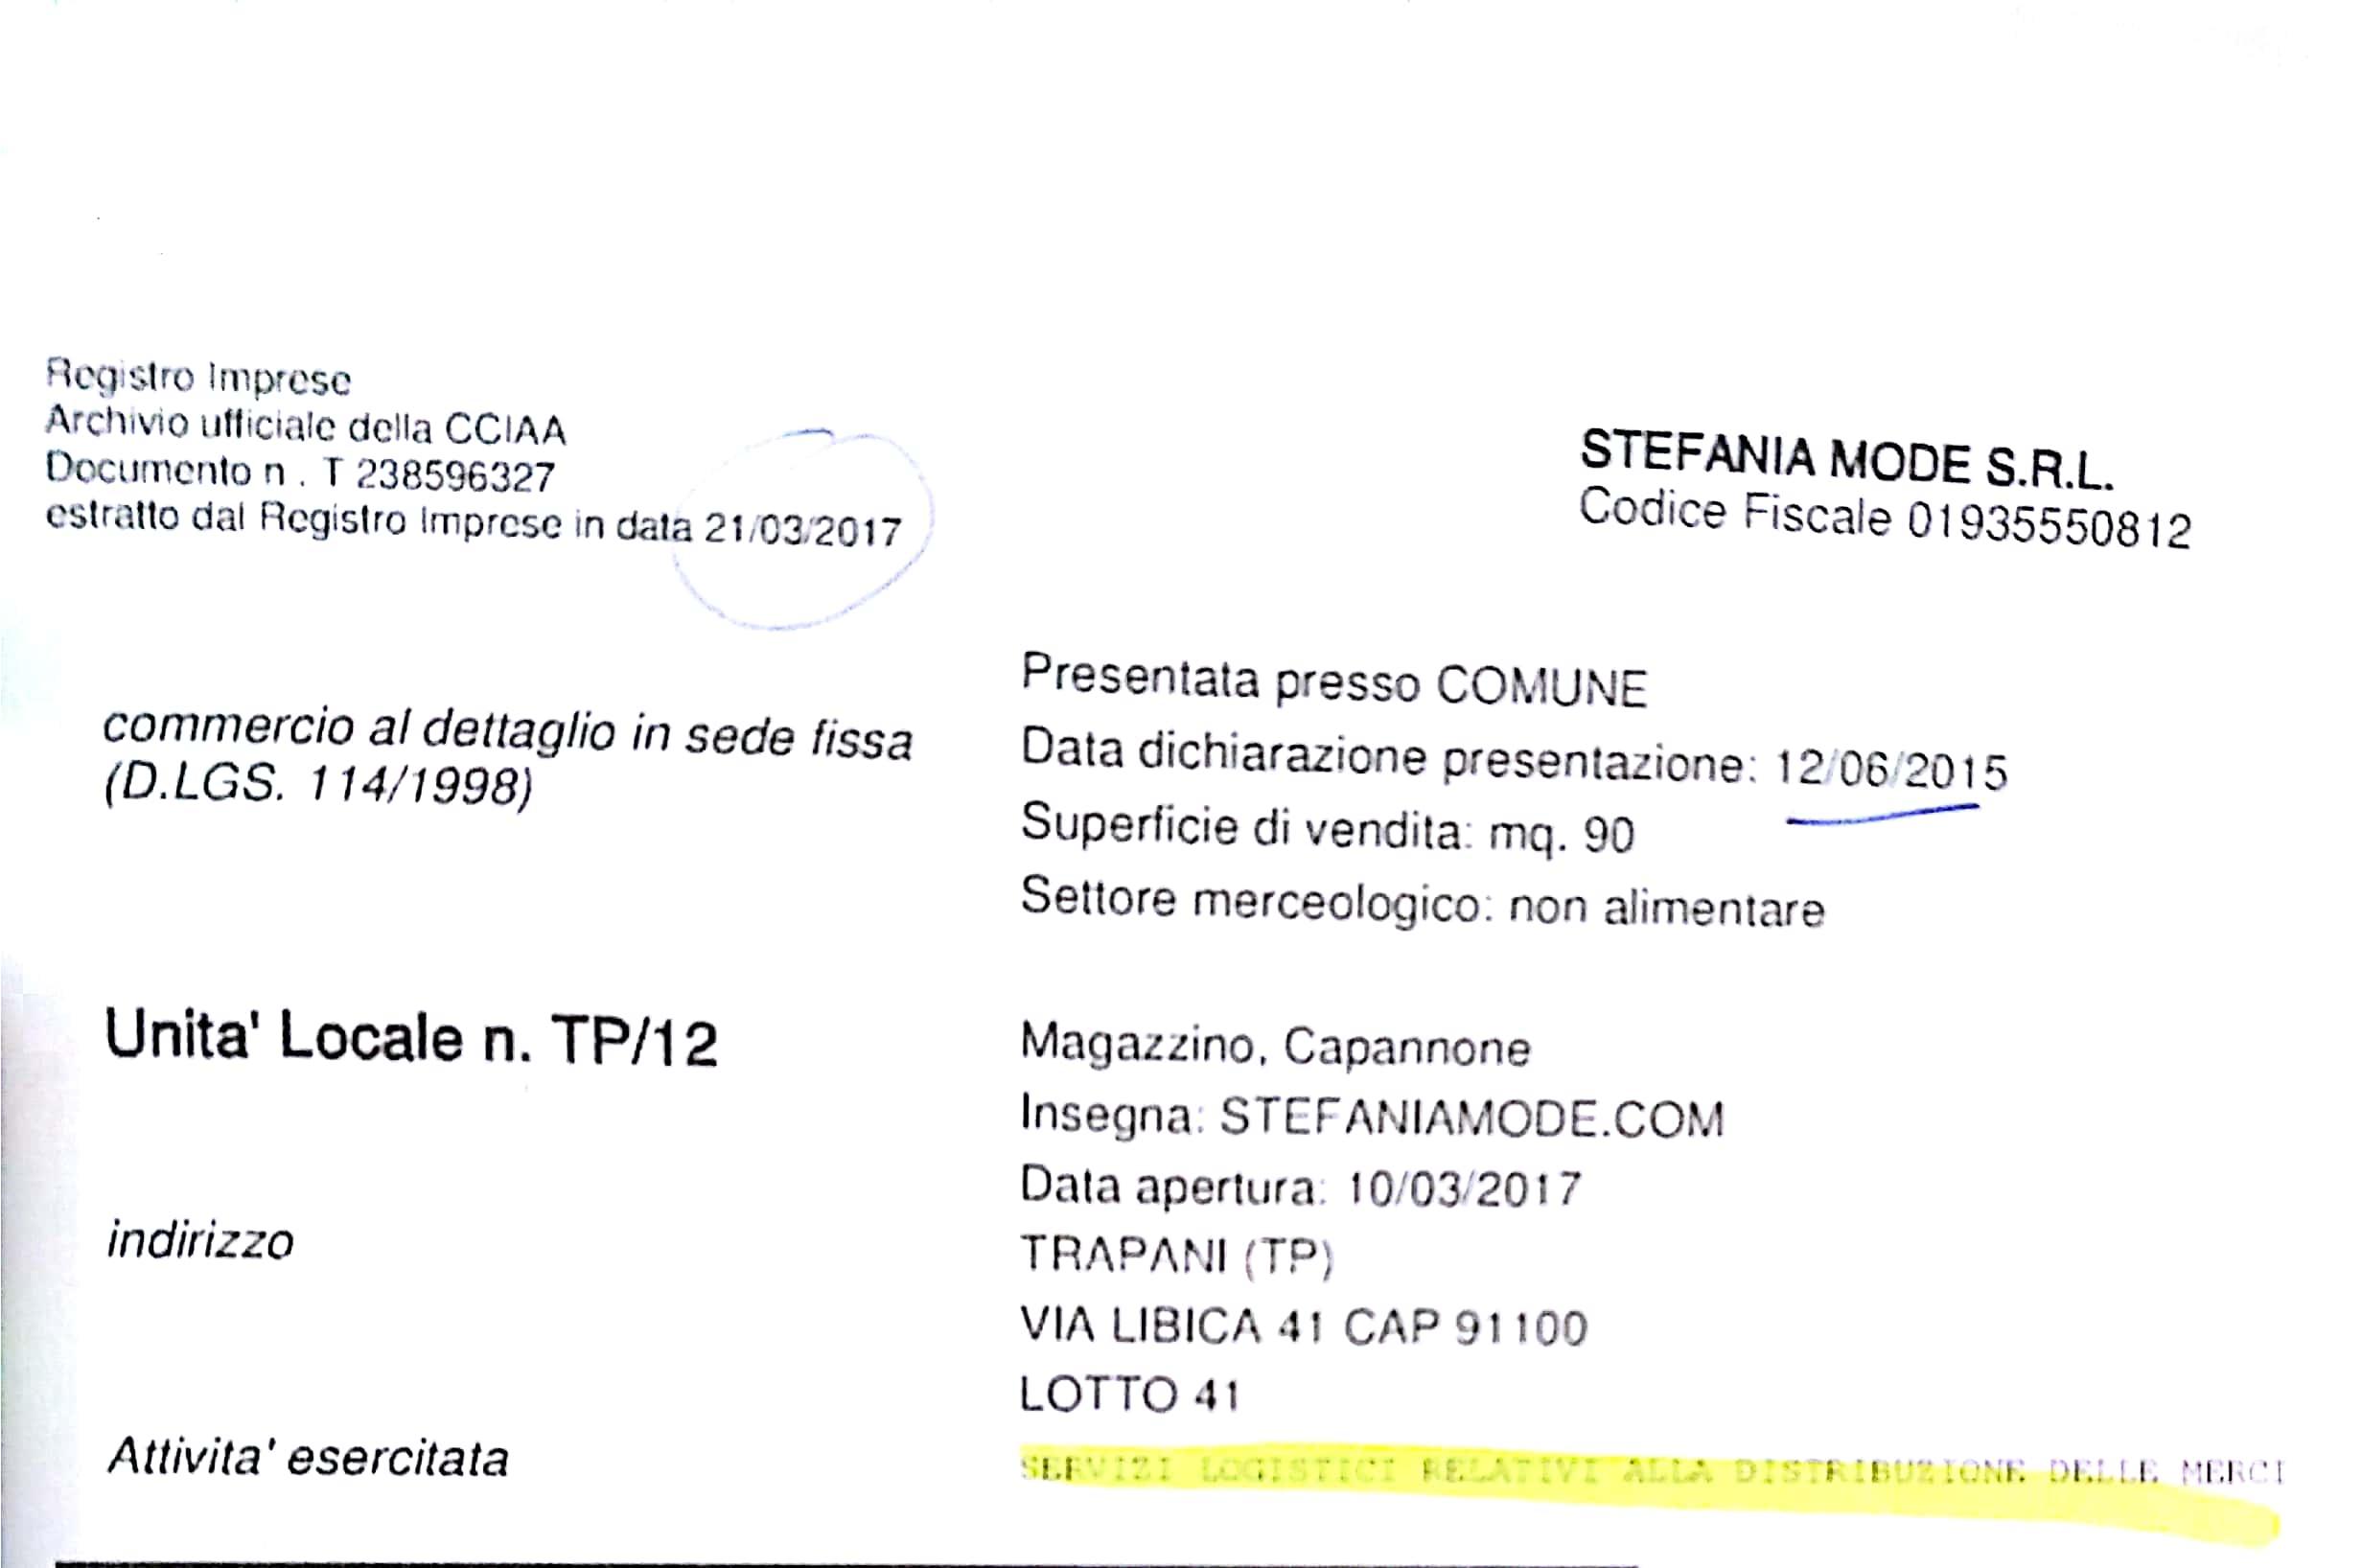 Trapani, il caso dell'area industriale/4: Stefania Mode